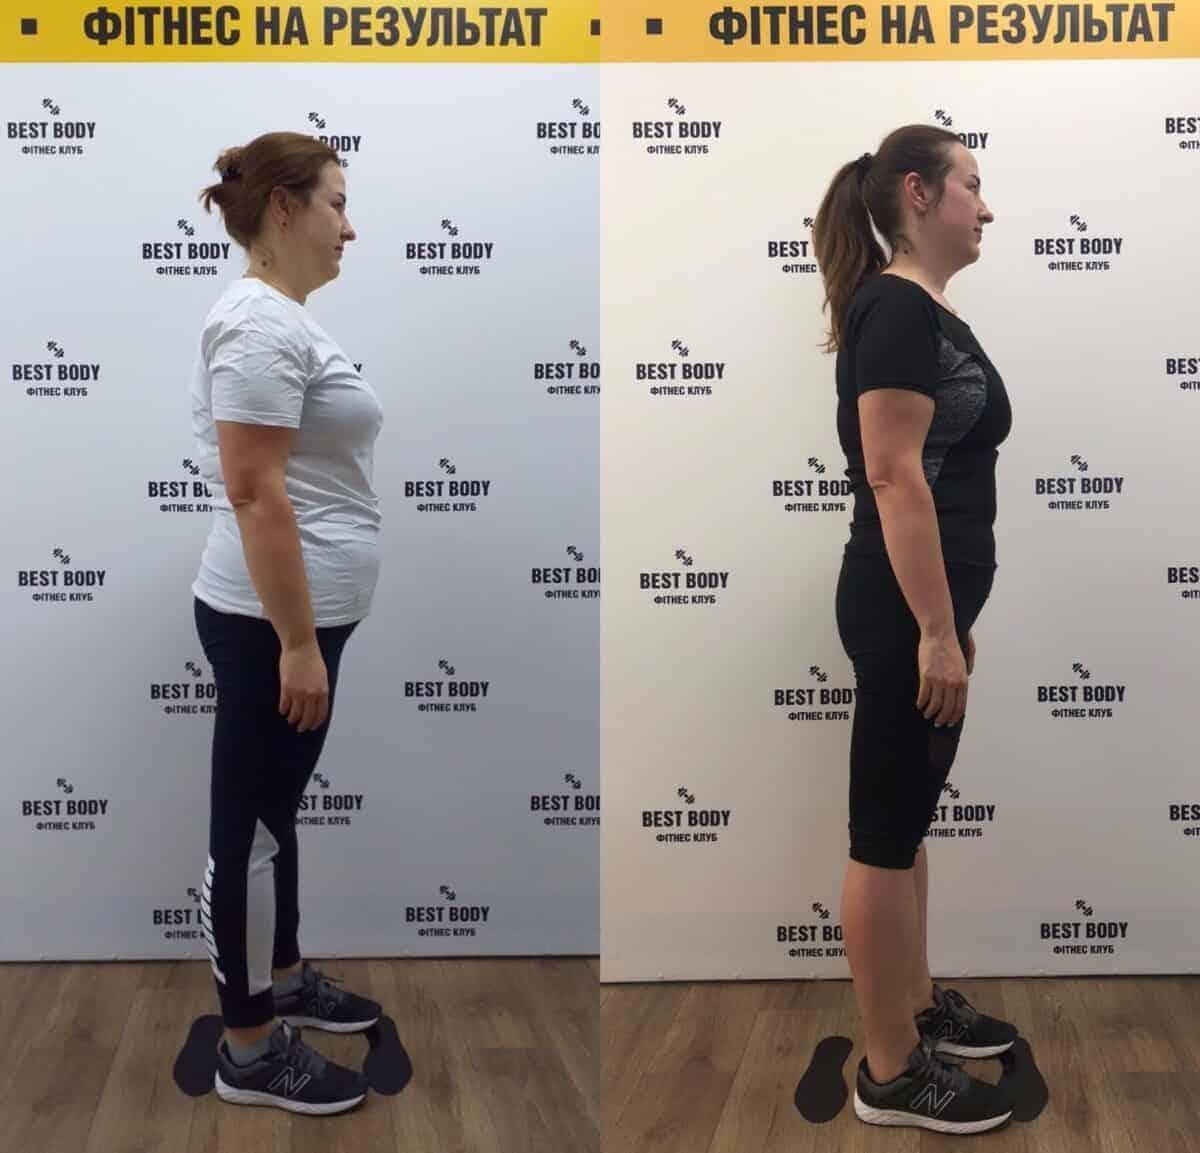 zobrazhennya_viber_2020-06-24_11-58-18